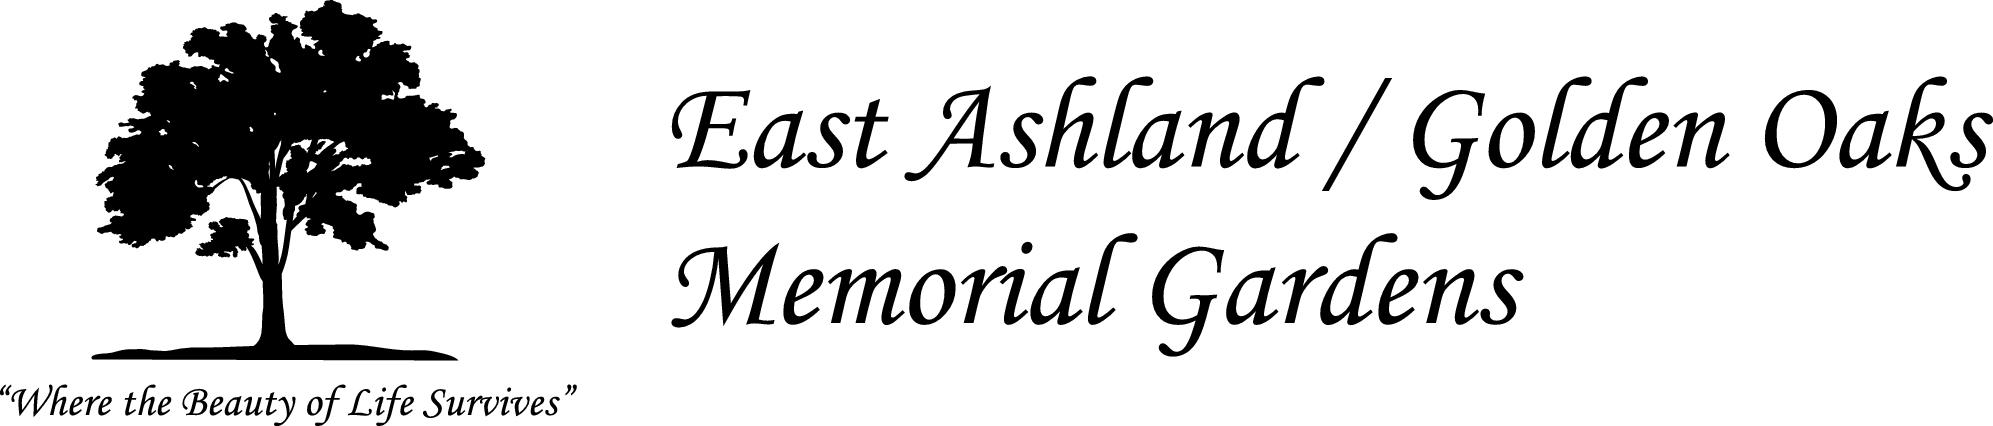 Golden Oaks Cemetery & Mausoleum